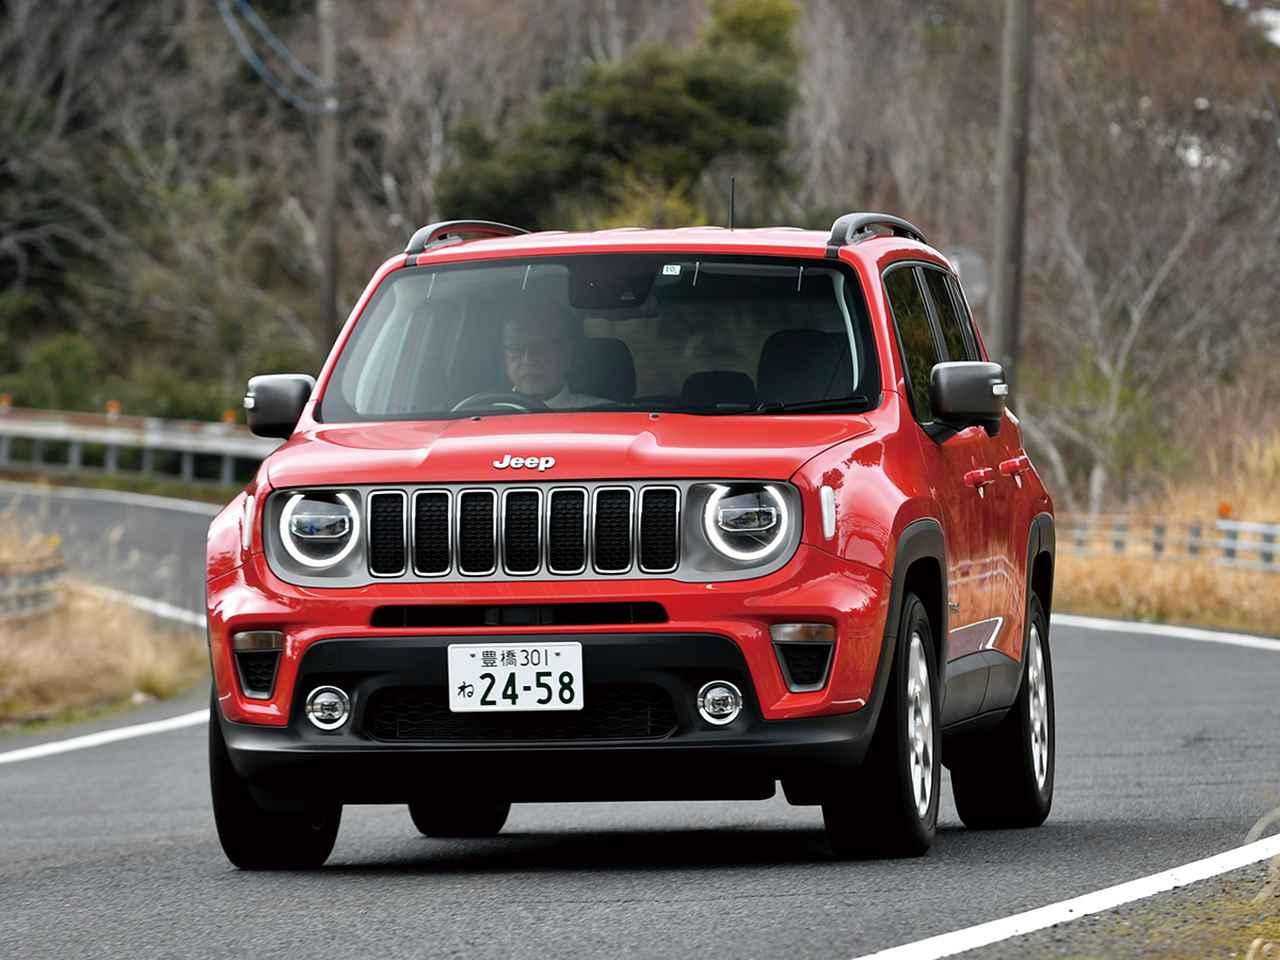 アンダー500万円の電動車、ジープ レネゲード 4xe × プジョー e-2008。実用度を増すPHEVとEVの選択肢